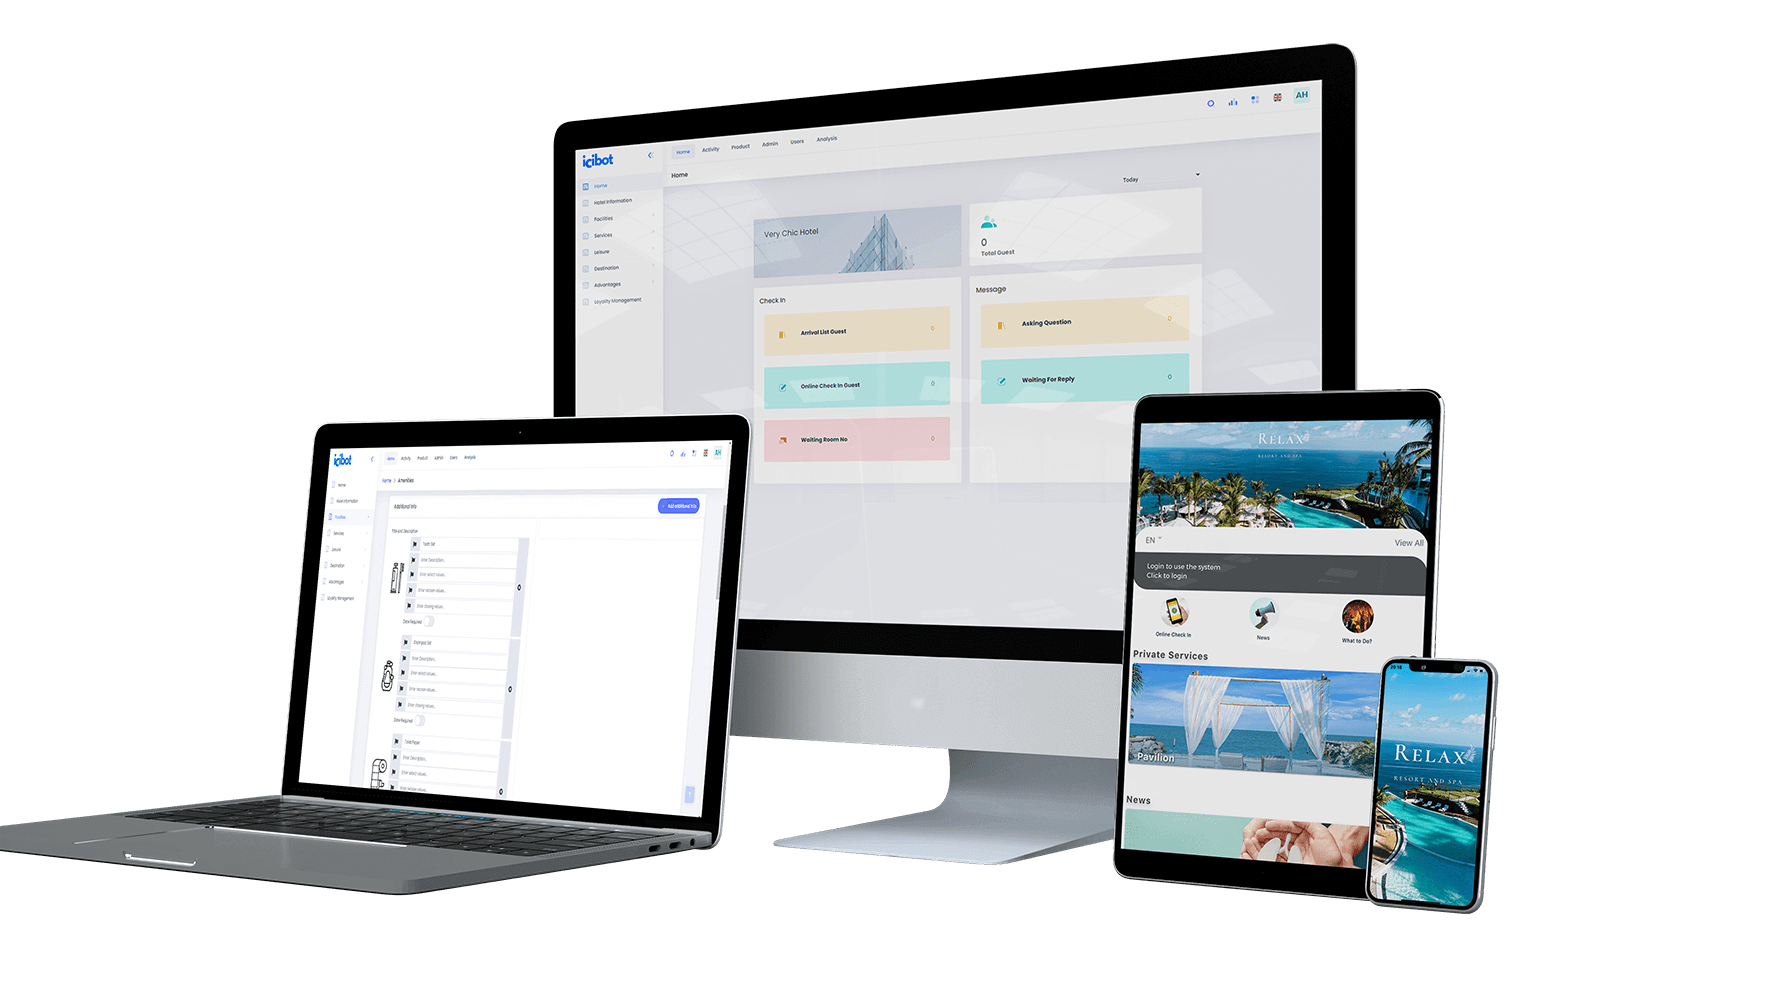 İleri Web Uygulaması mobil otel yönetim sistemi